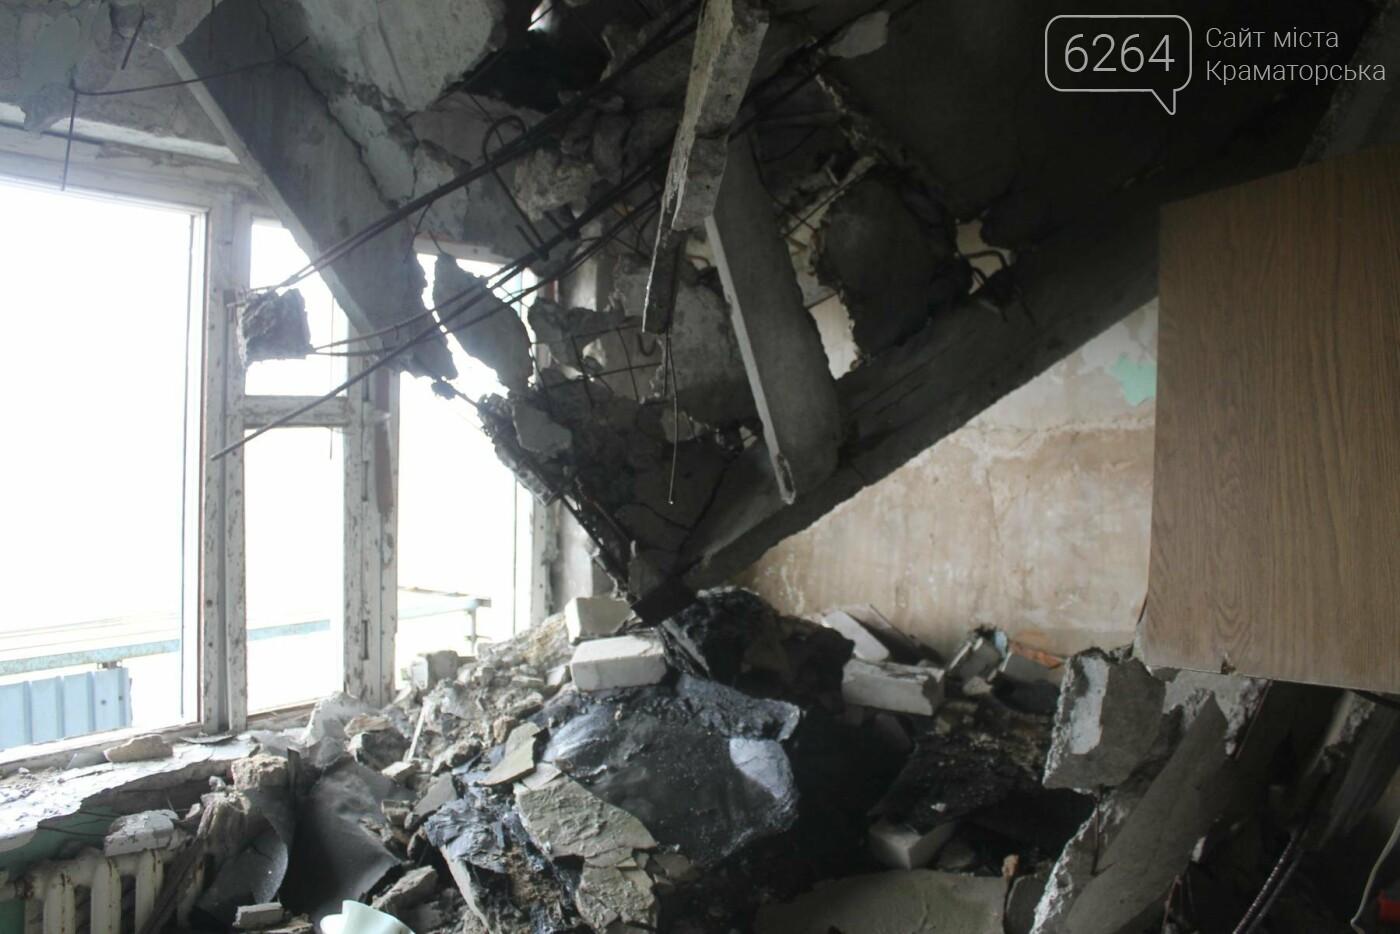 Необъявленная война глазами очевидцев: Легенды Авдеевки,  ставшие роком для ее местных жителей, фото-11